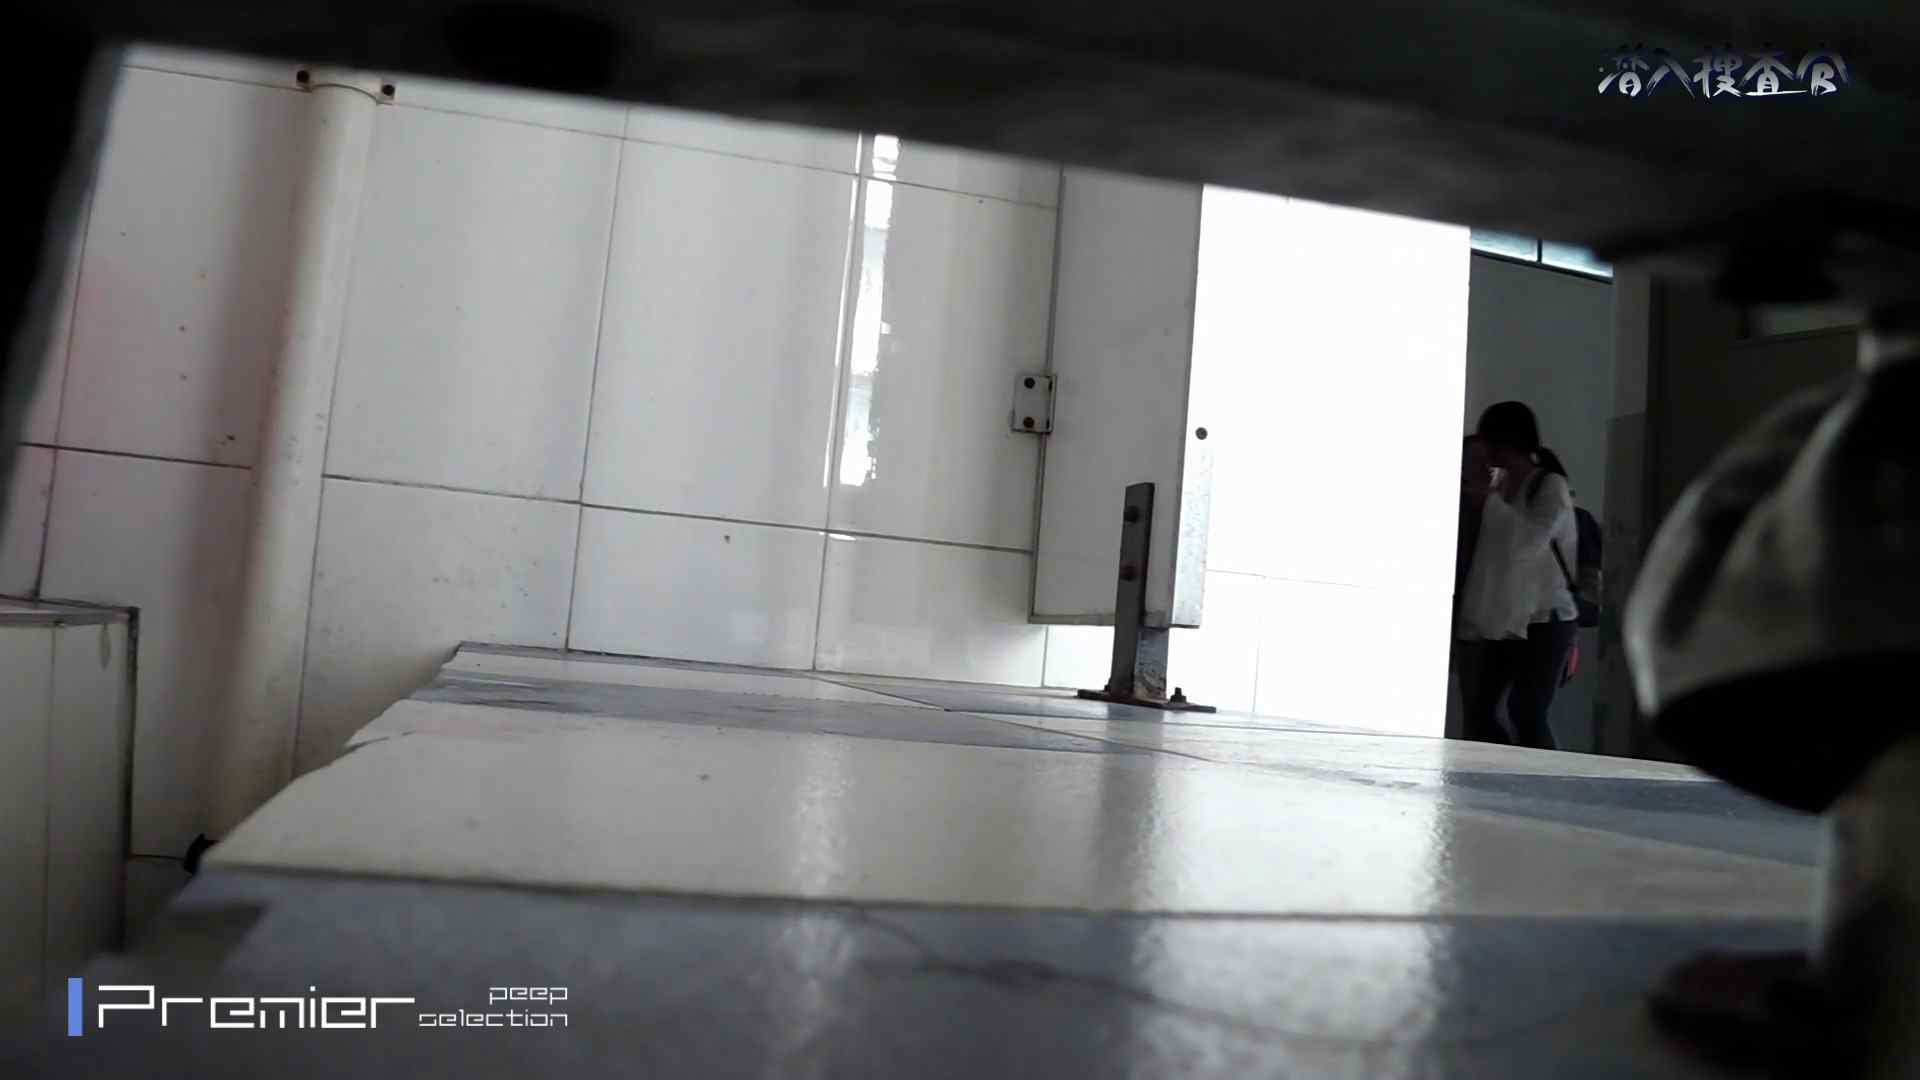 下からノゾム vol.039 やりすぎ、うぶげまで見えてます。 潜入 オマンコ無修正動画無料 111画像 67